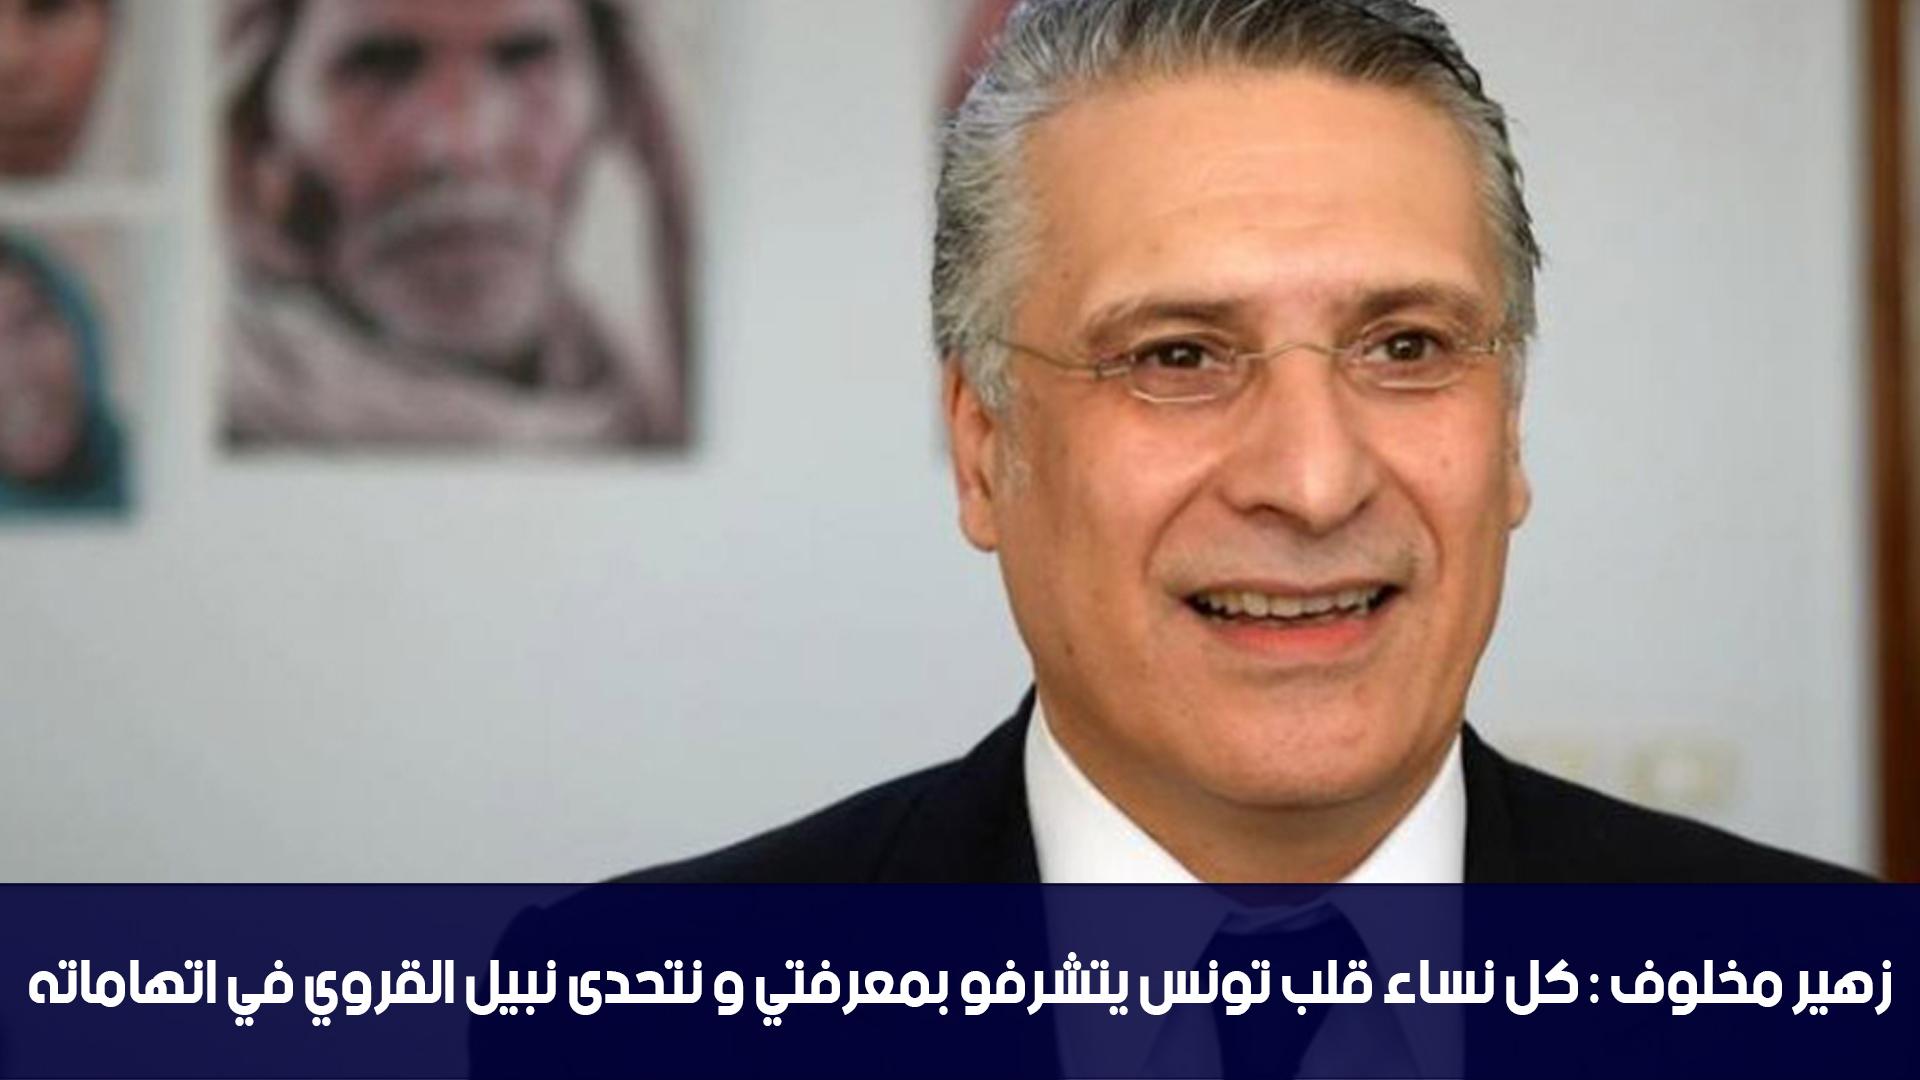 زهير مخلوف : كل نساء قلب تونس يتشرفو بمعرفتي و نتحدى نبيل القروي في اتهاماته